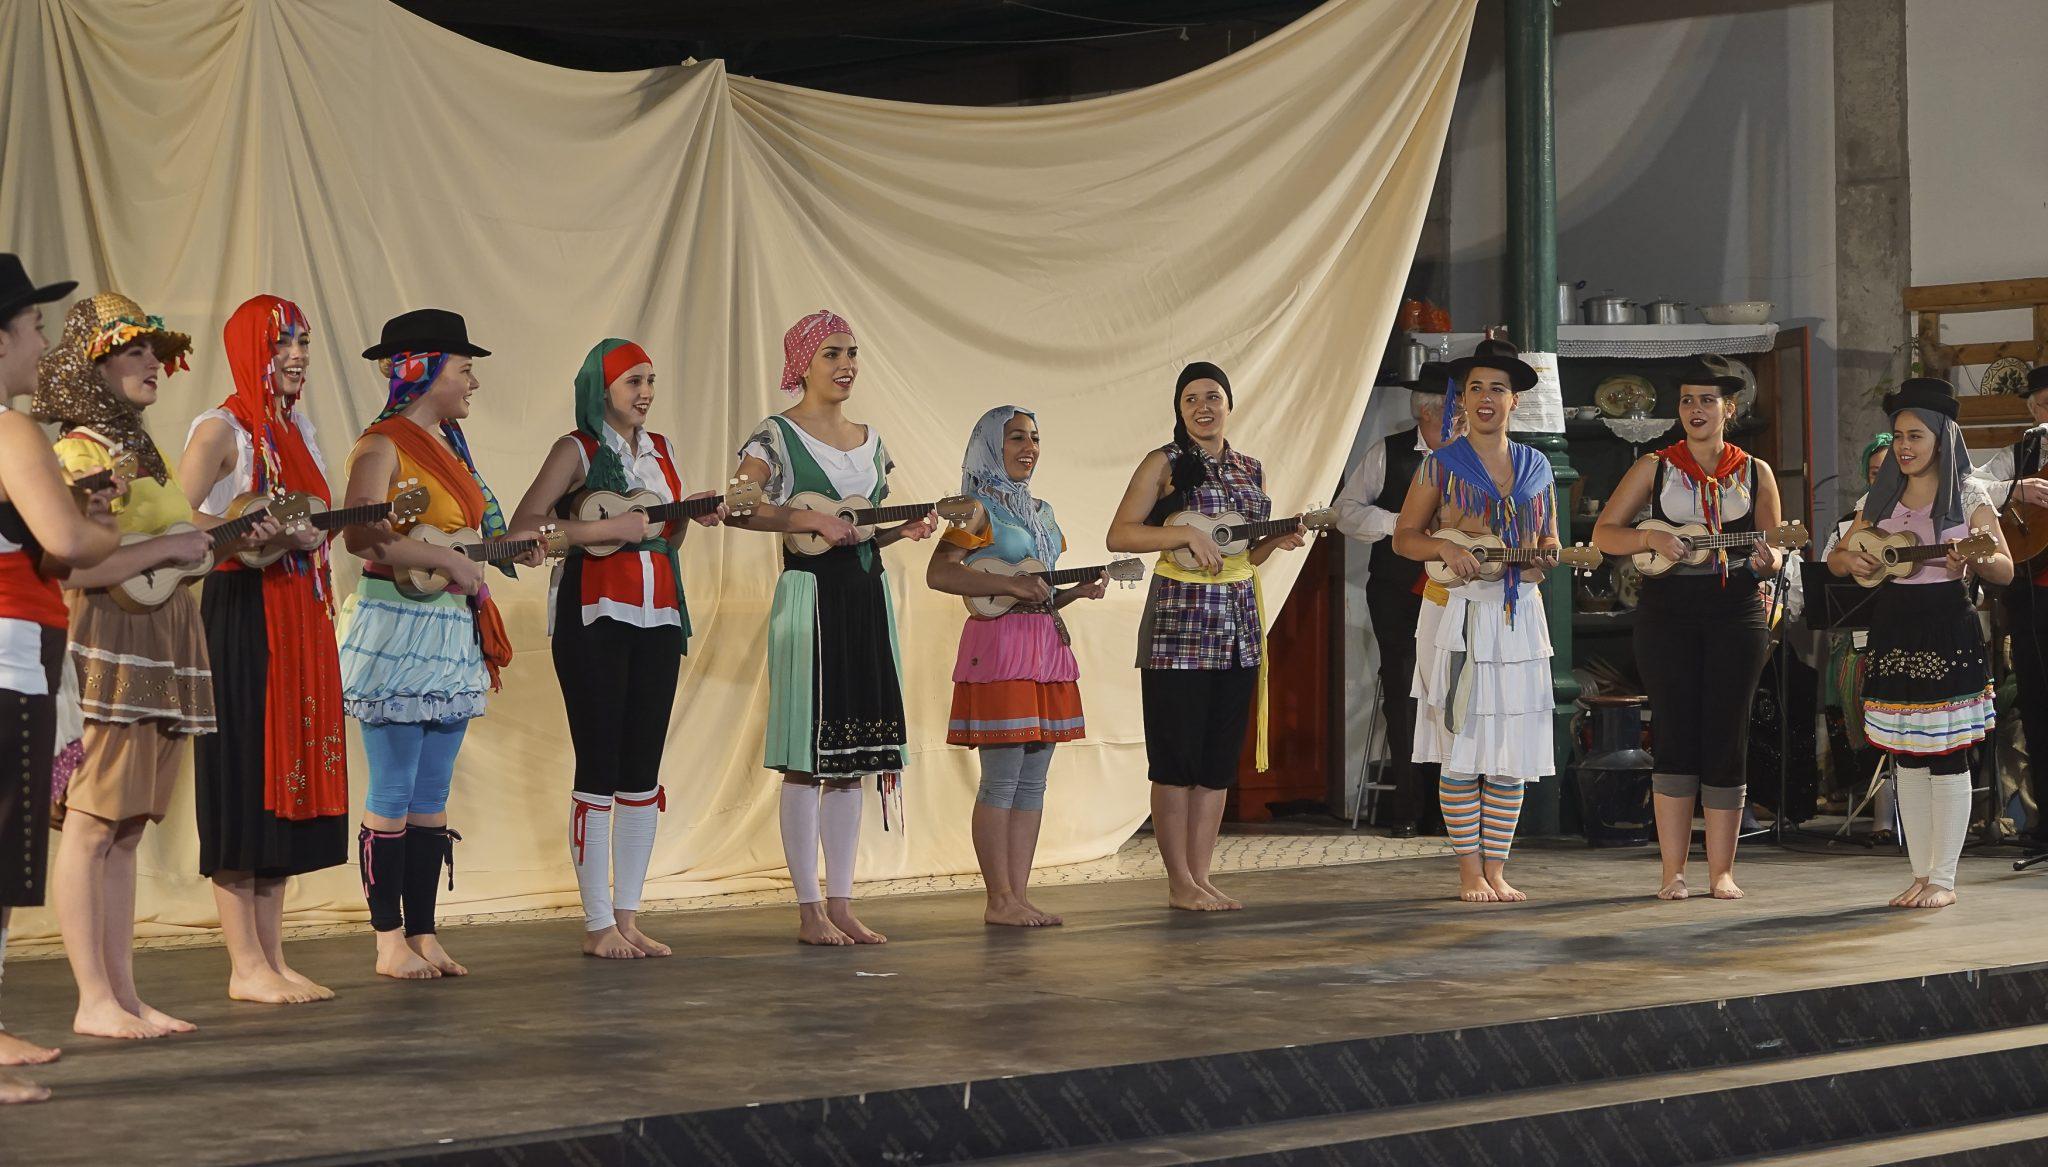 Grupo de mulheres em cima de um palco, de lado para o observador, a tocar cavaquinho, vestidas com trajes típicos de várias regiões de Portugal